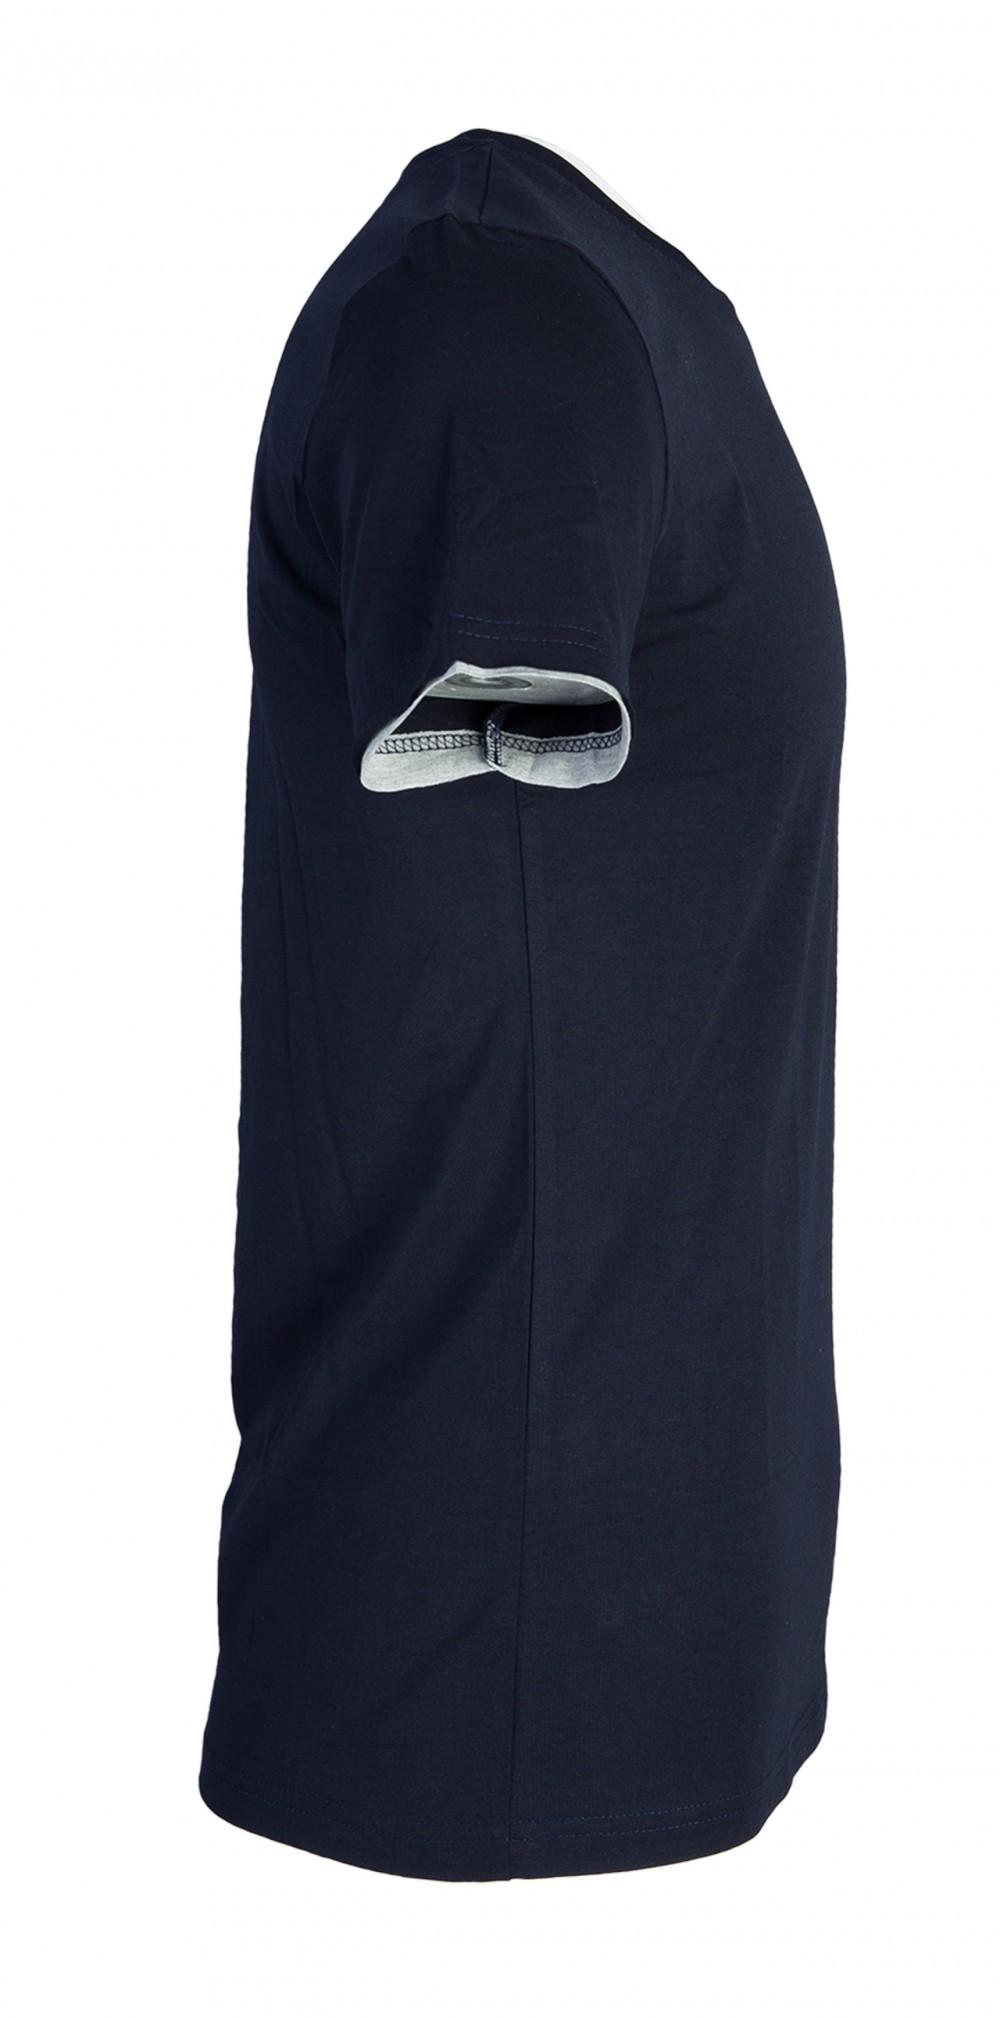 Áo thun xanh đen at761 - 2